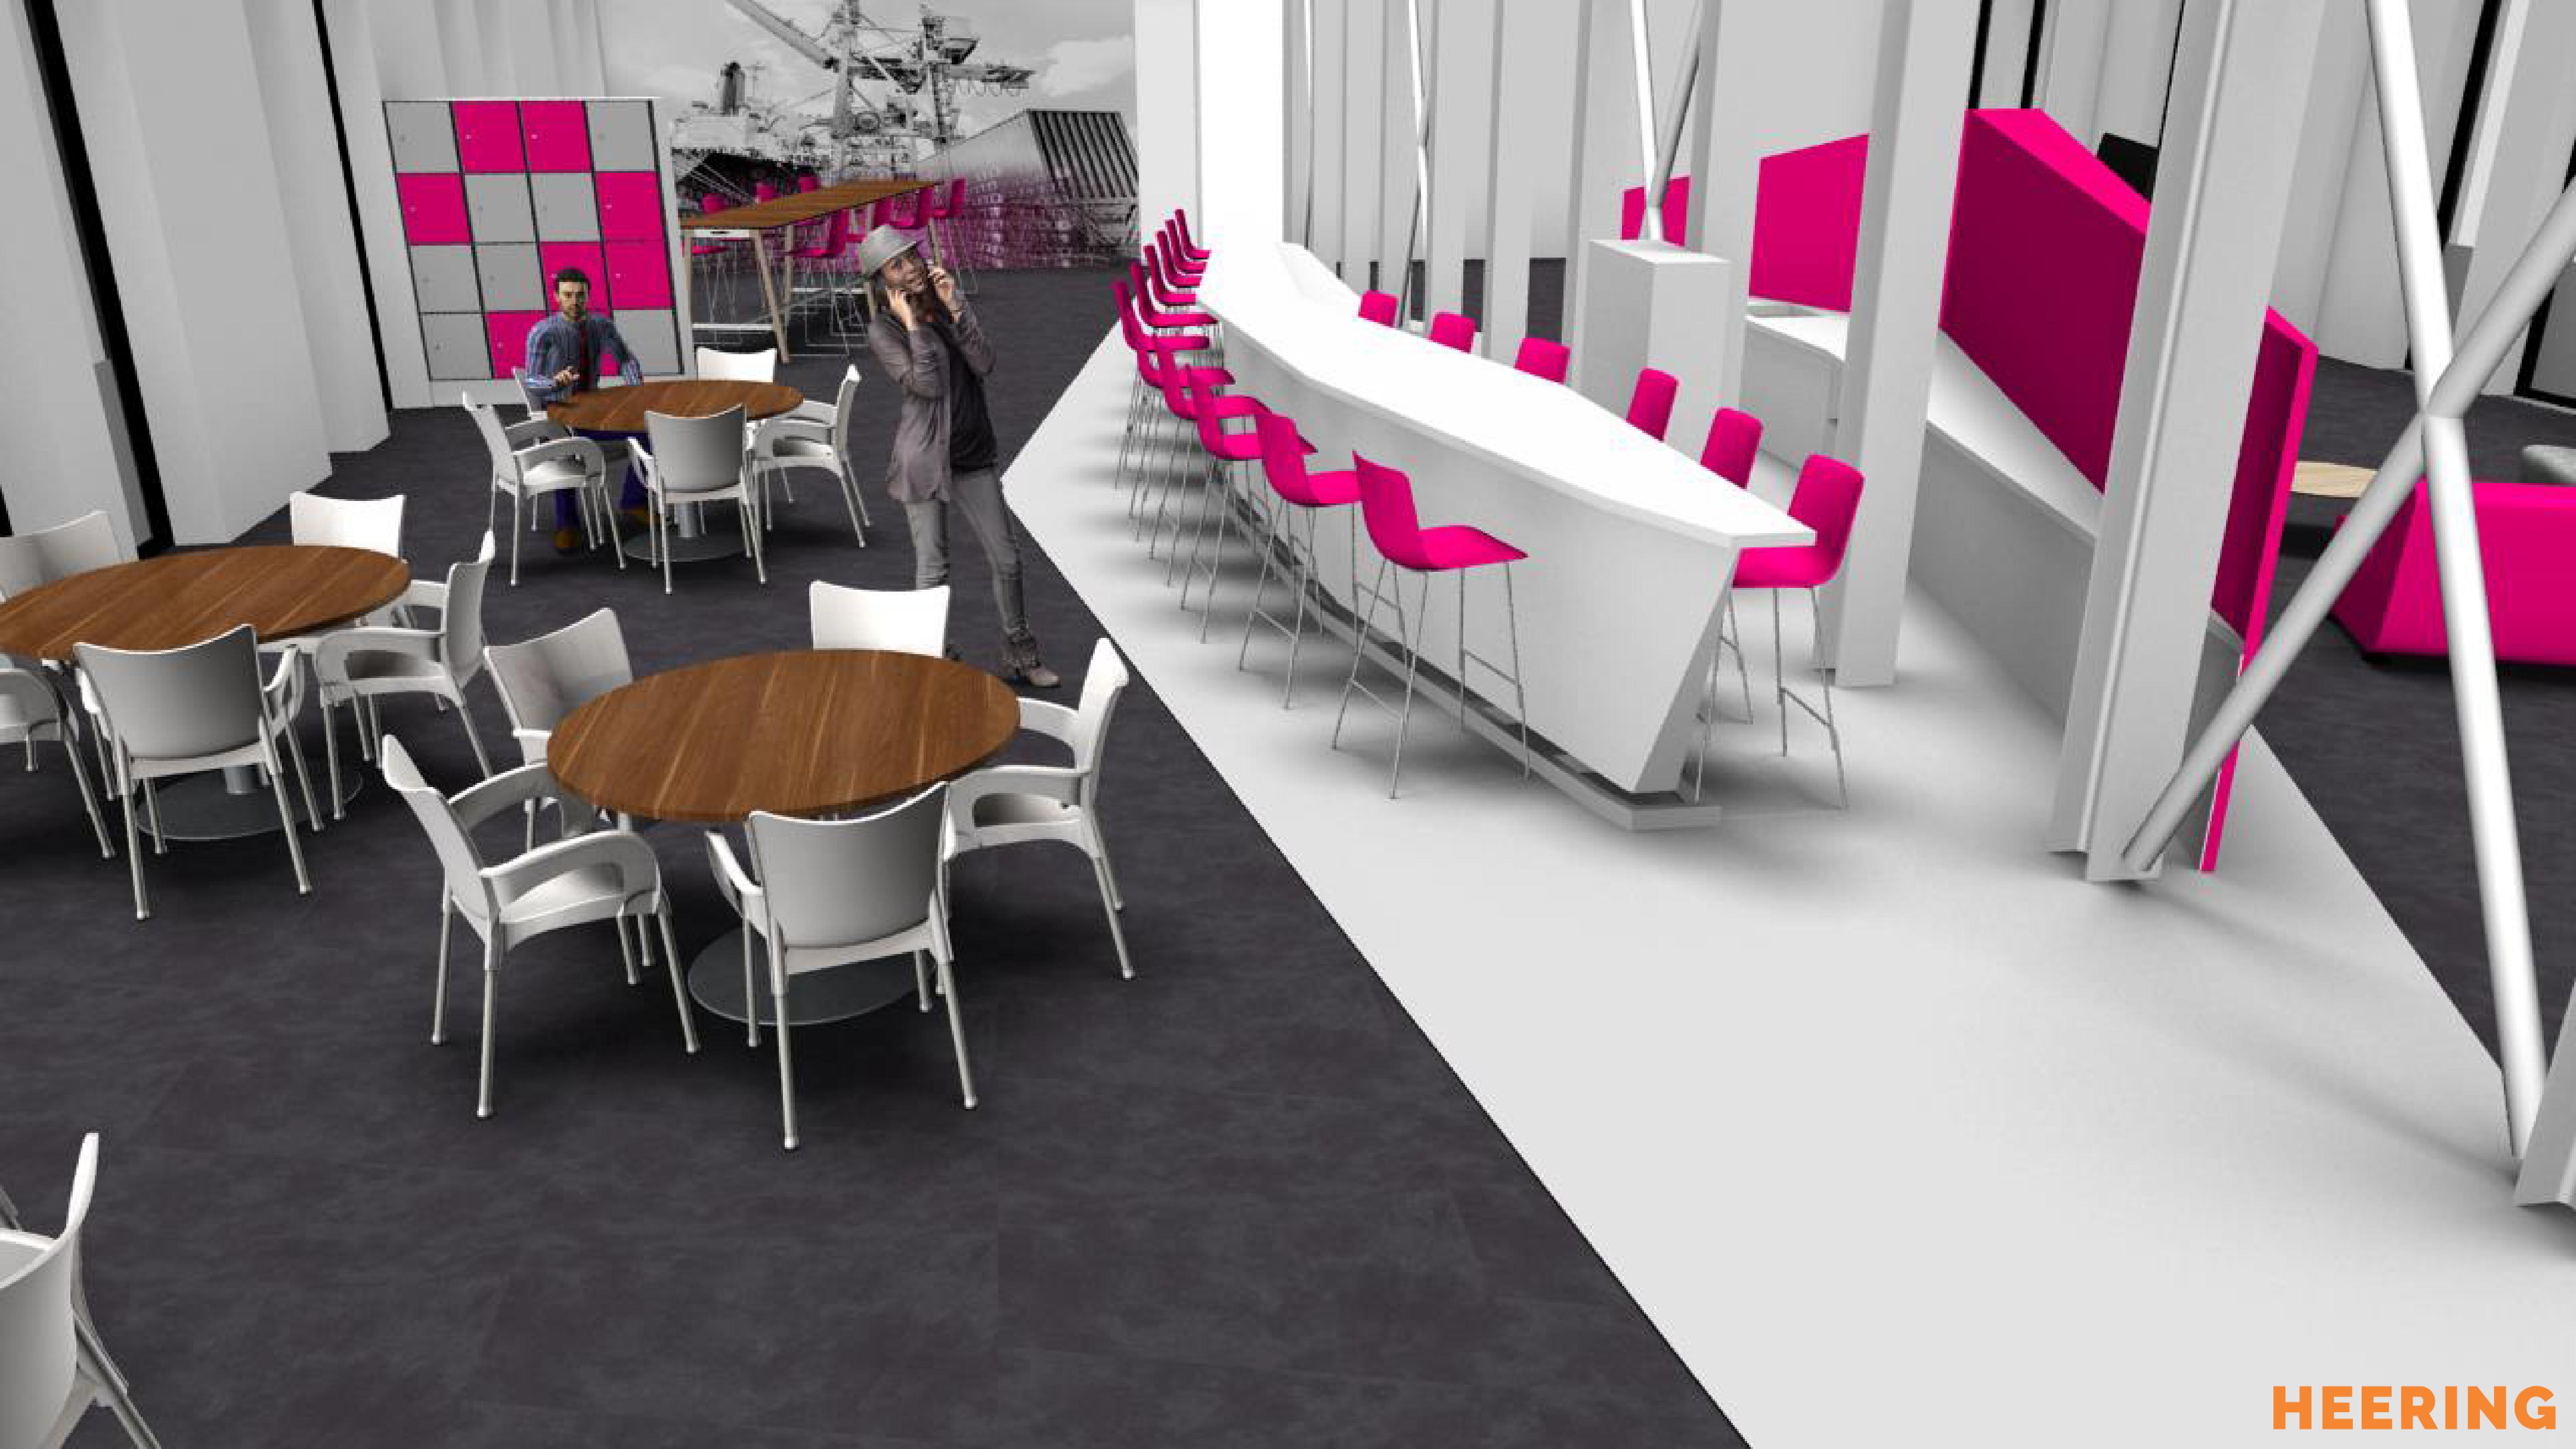 maatwerk keuken en barelement Heering Office Den Haag